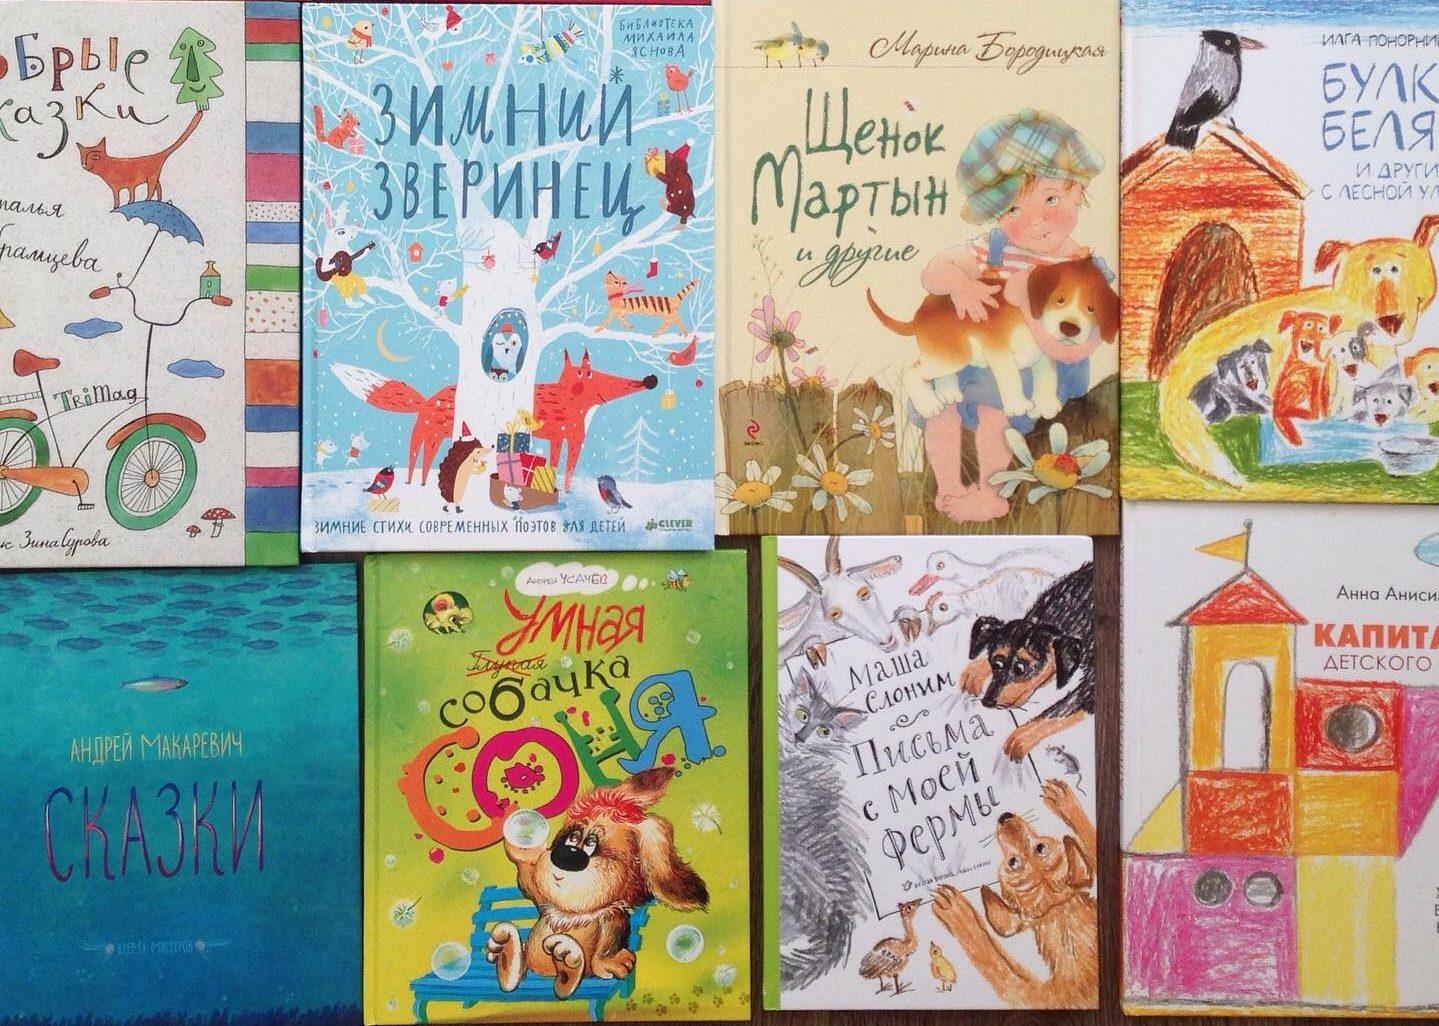 Книги современных российских авторов для дошкольников